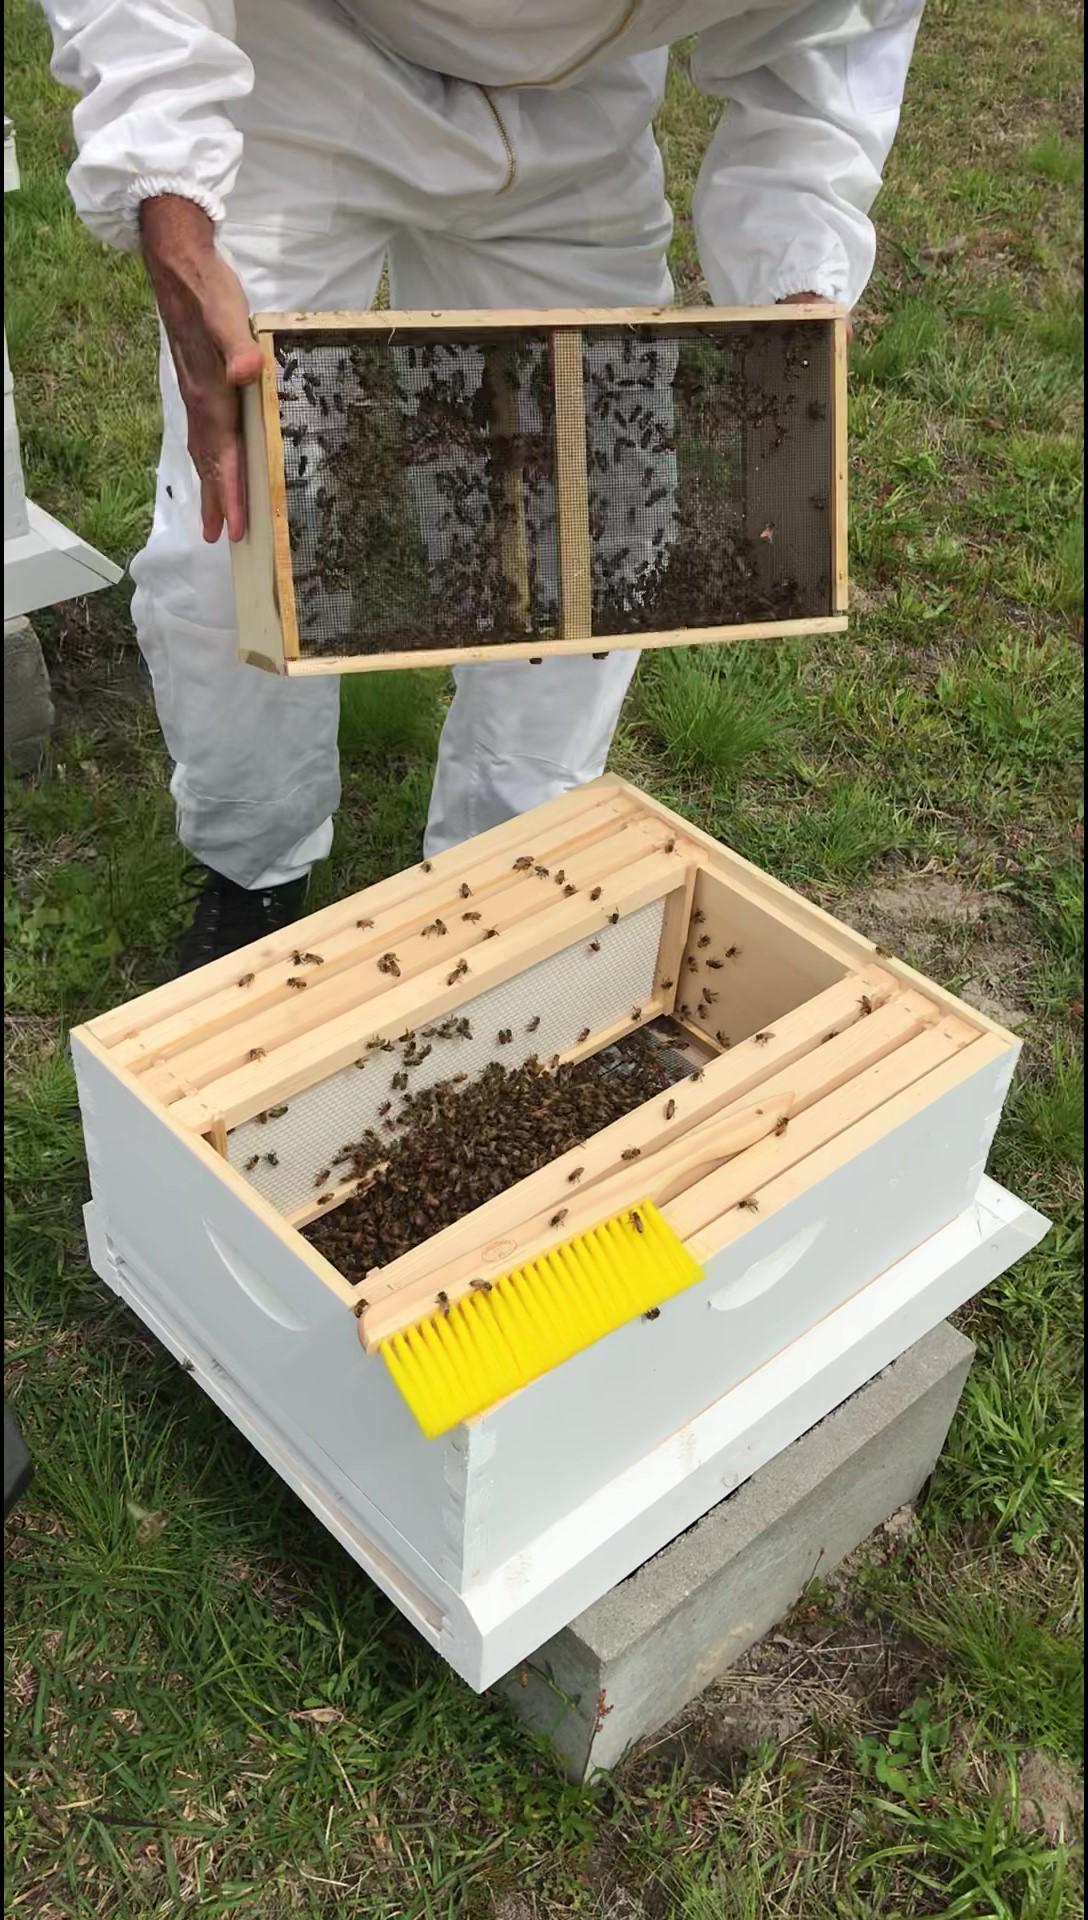 honey bee installation- for honey bees on methods.jpg